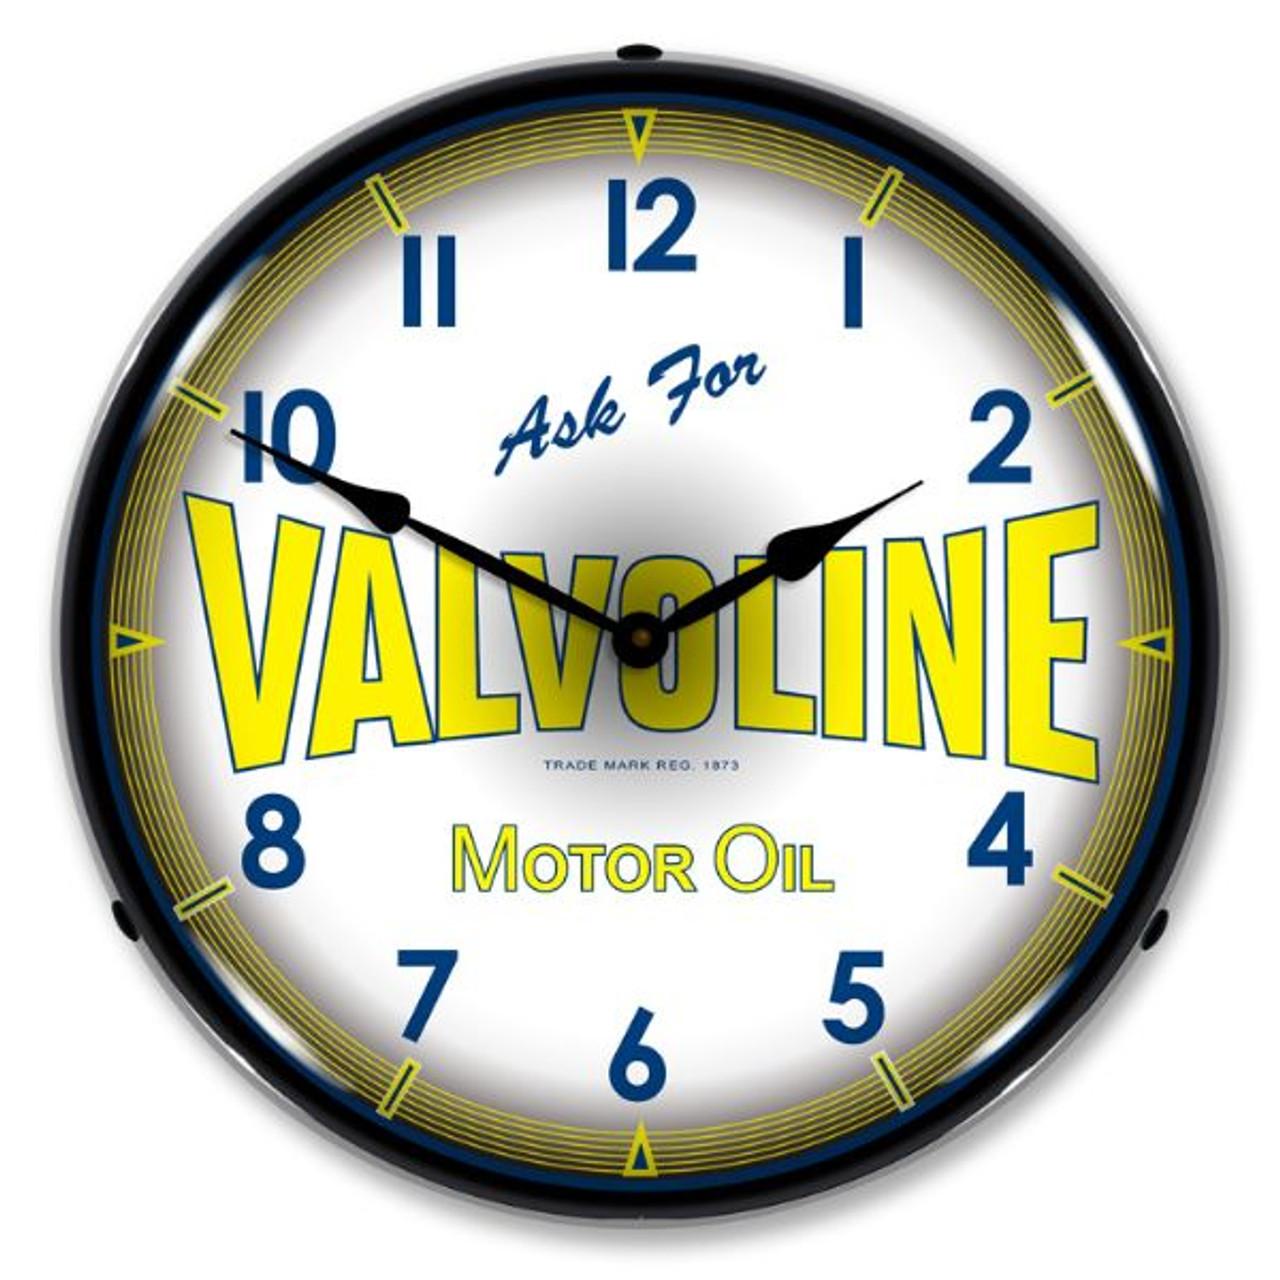 Valvoline Motor Oil Lighted Wall Clock